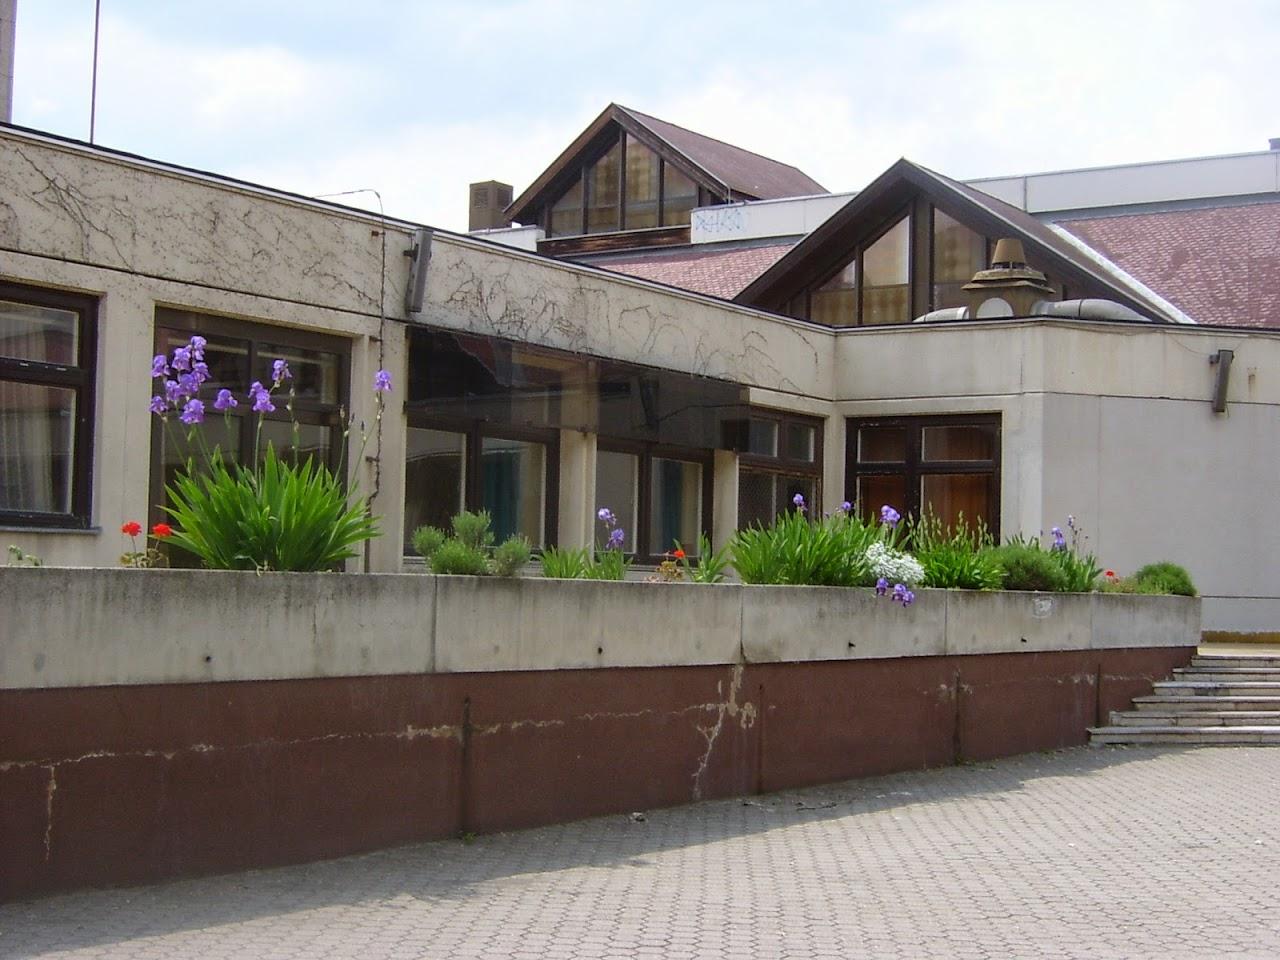 Képek az iskoláról - image015.jpg